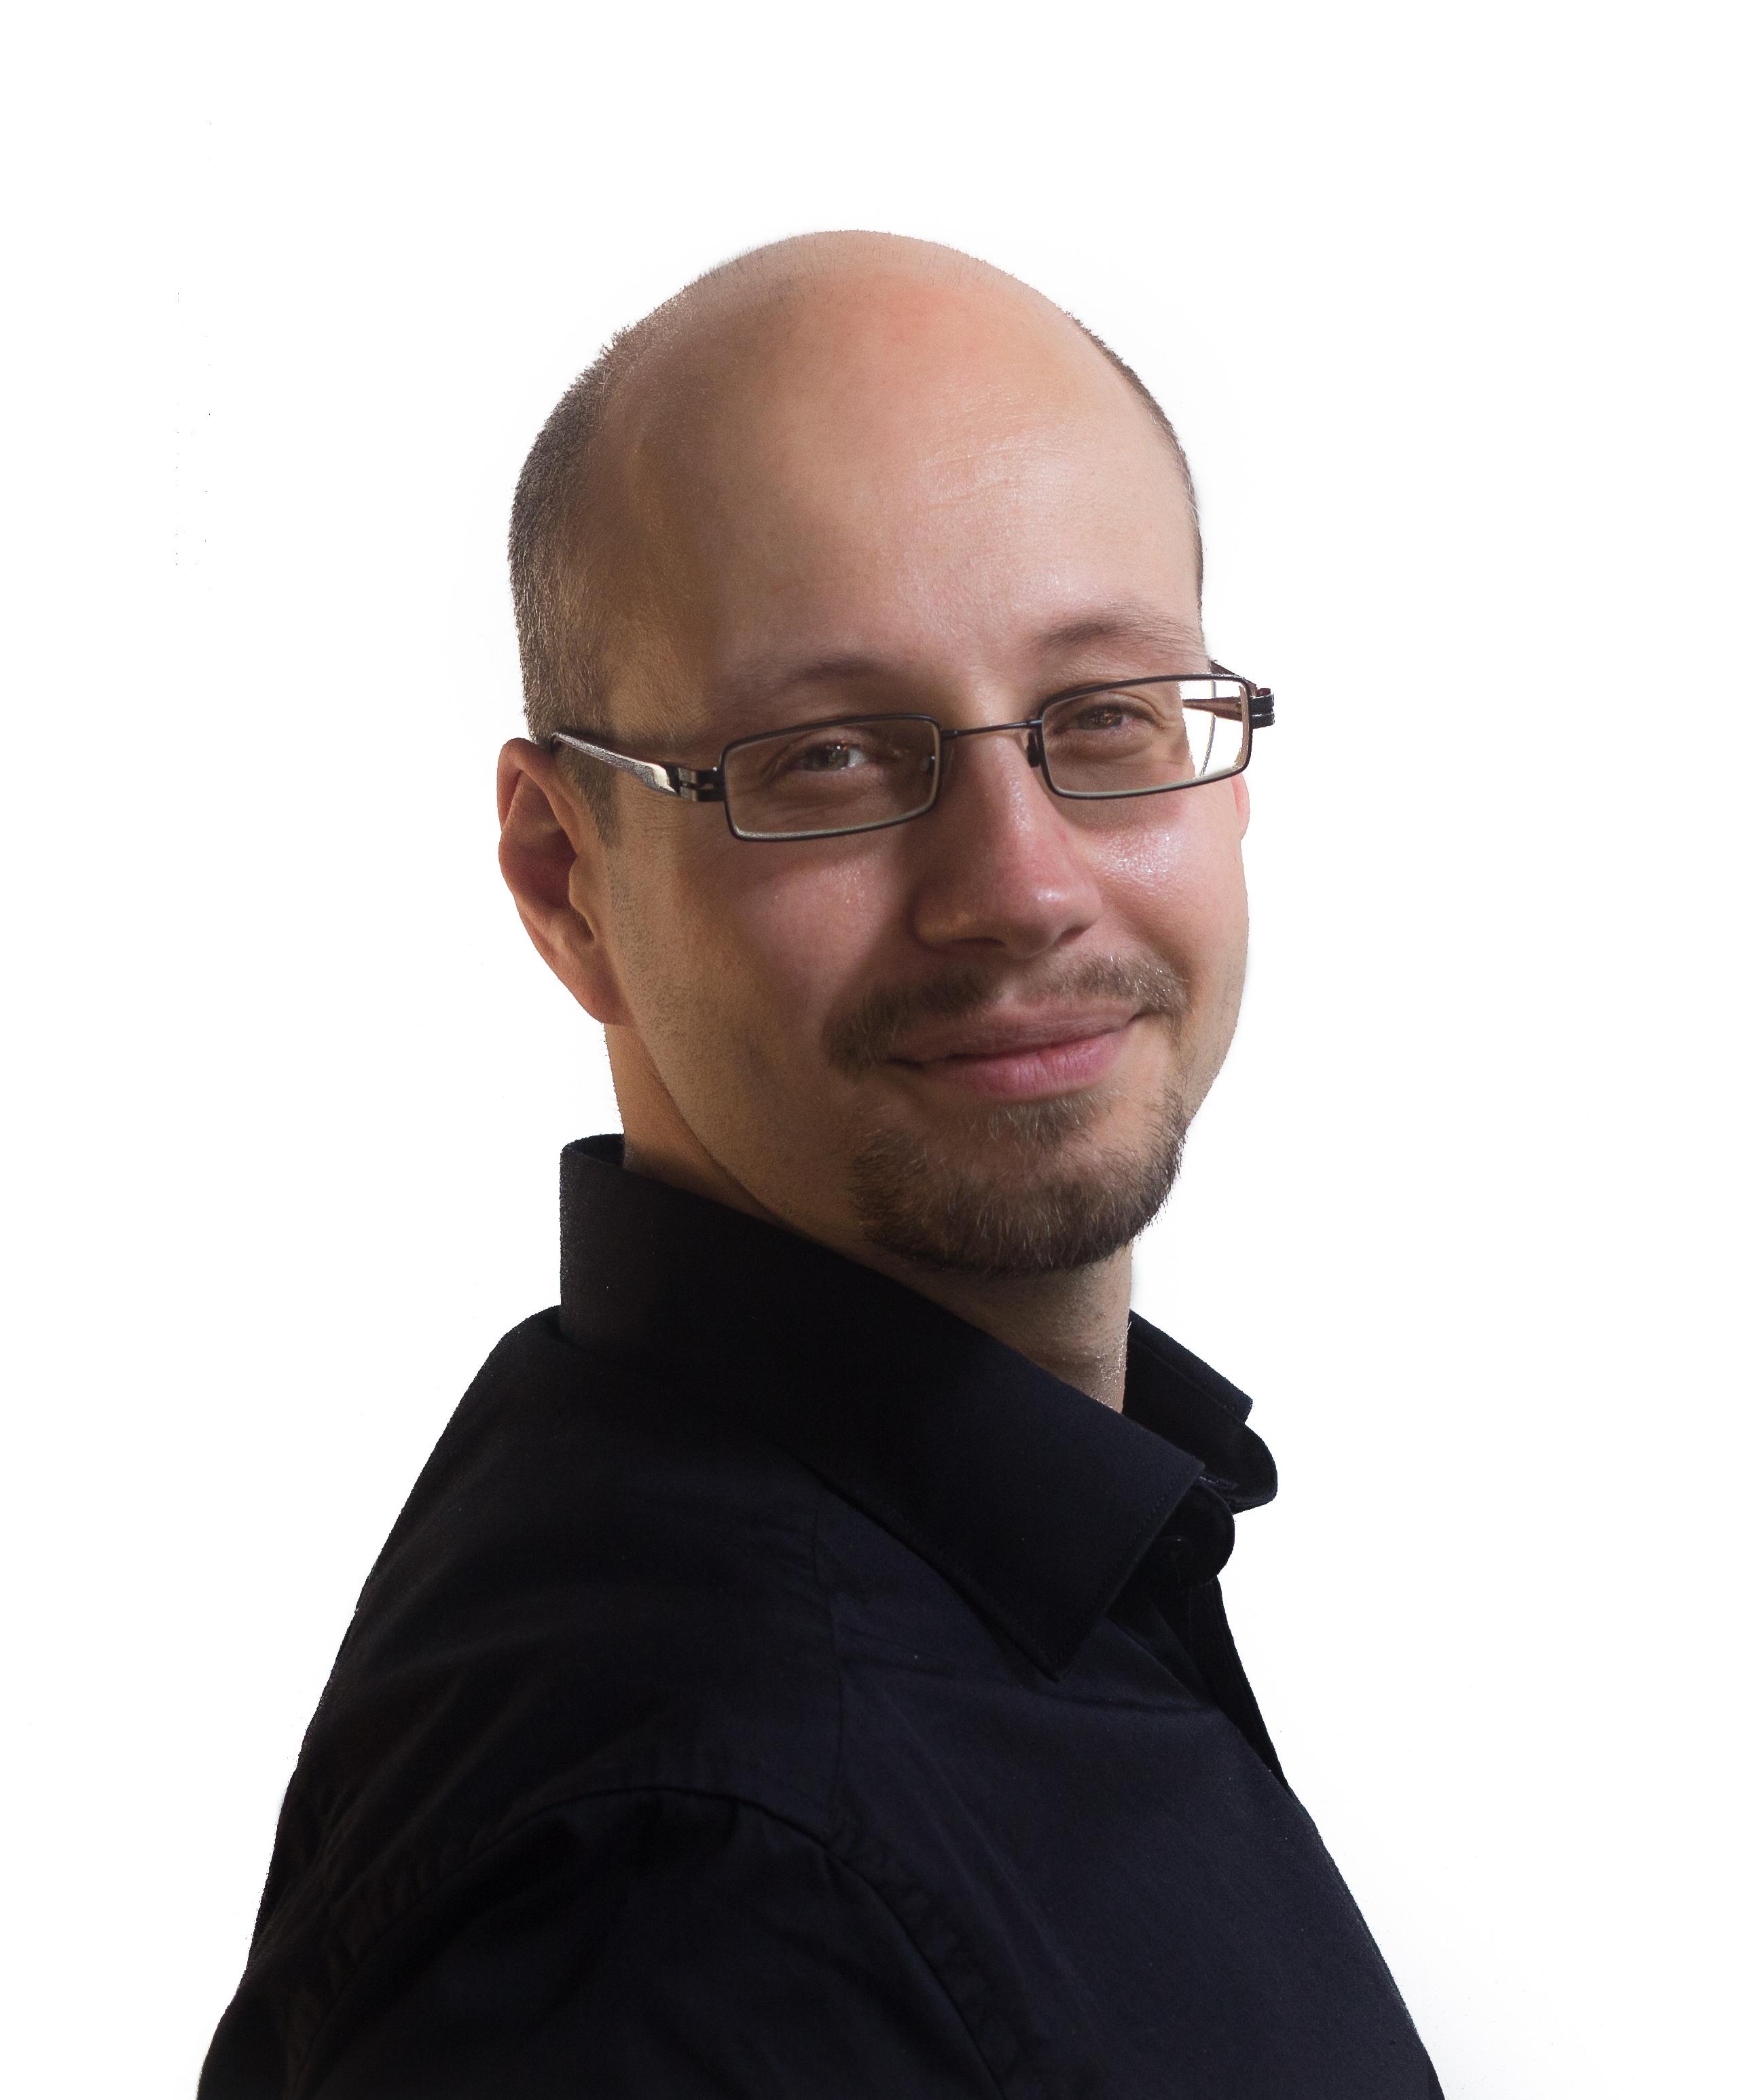 Marco Bohnsack